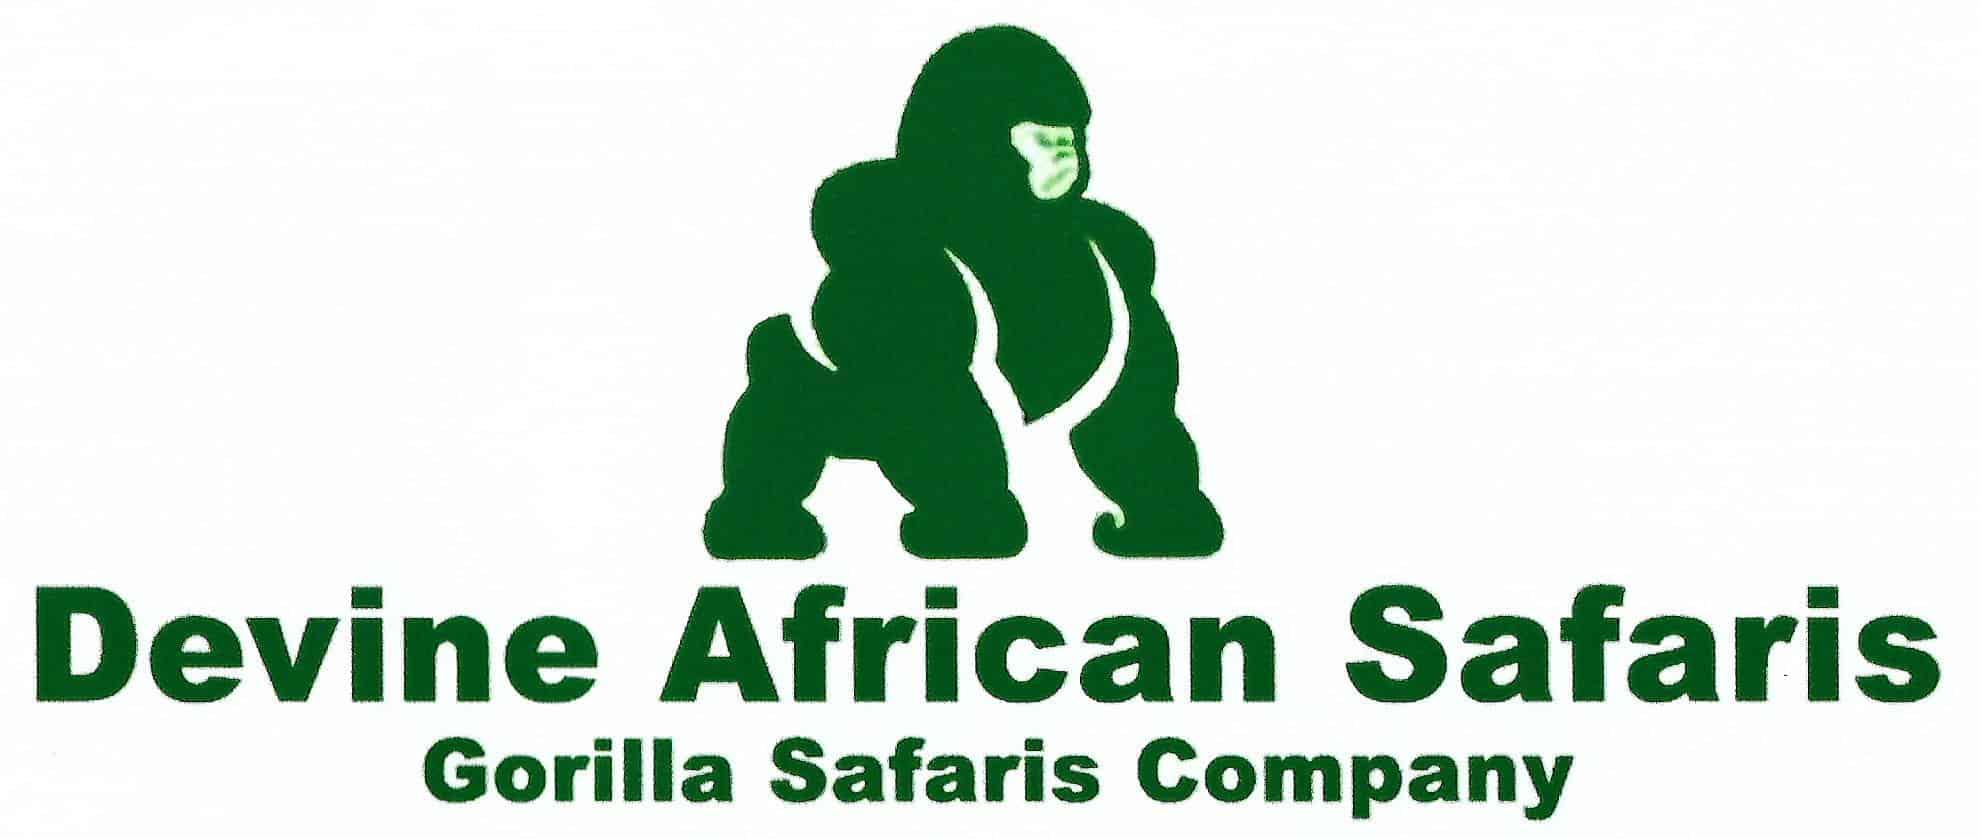 Devine African Safaris